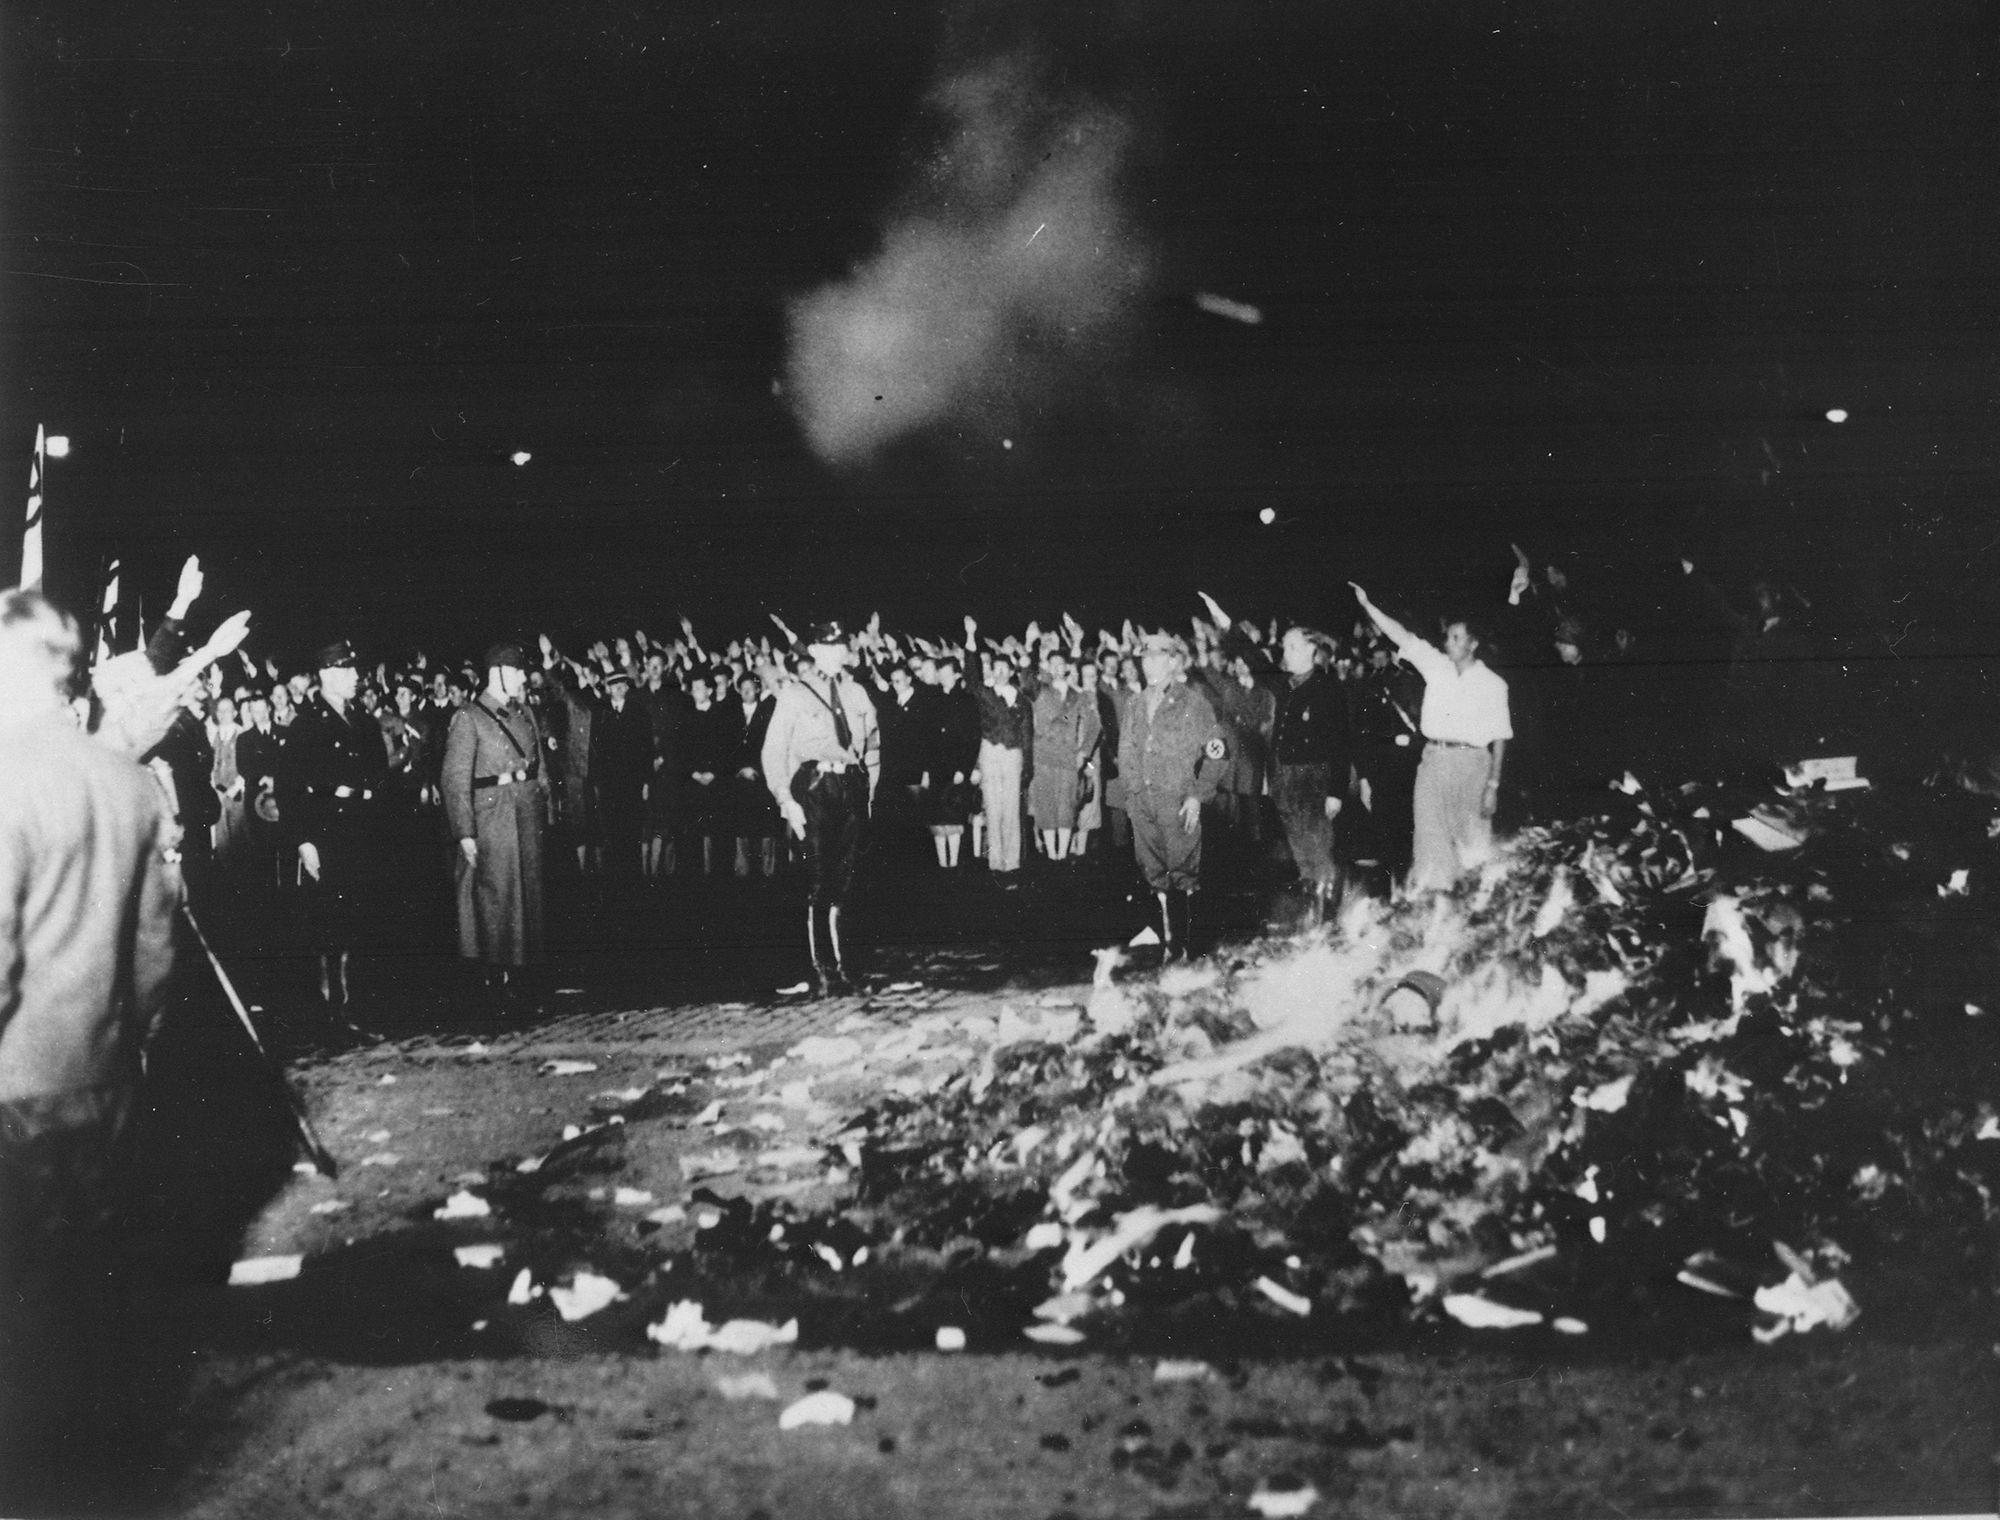 Quema de libros en la Plaza de la Ópera en Berlín el 10 de mayo de 1933, uno de los casos más recordados del intento de desaparecer de manera selectiva las ideas que no resultan acordes con una postura determinada.